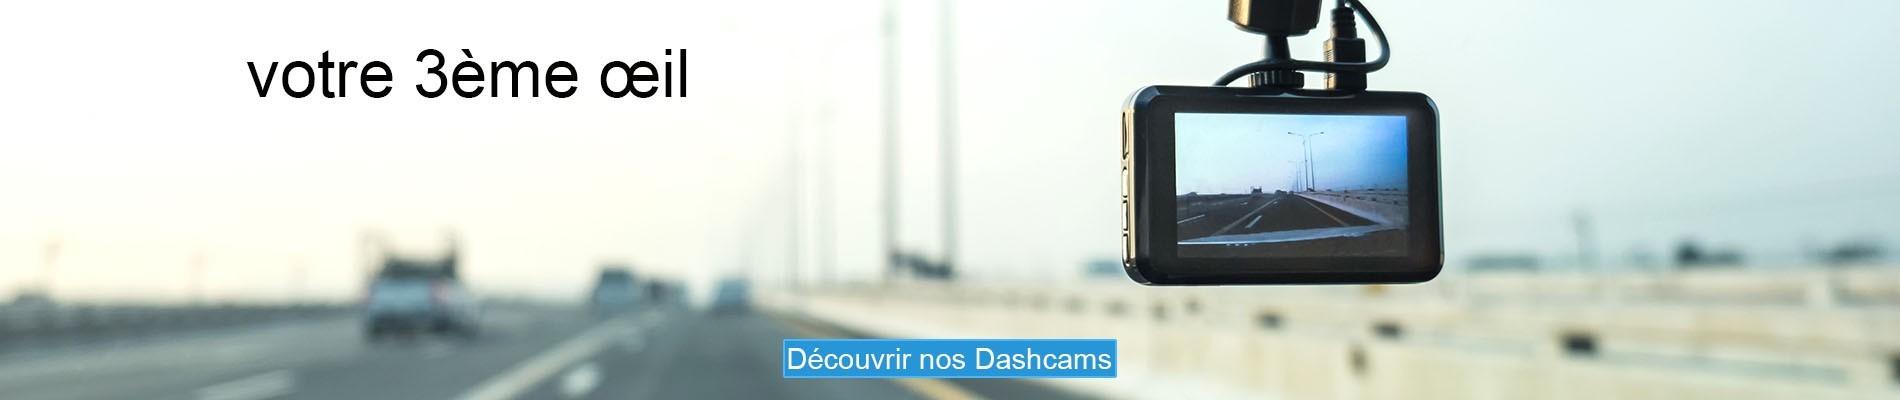 Dashcam Online, votre troisième oeil